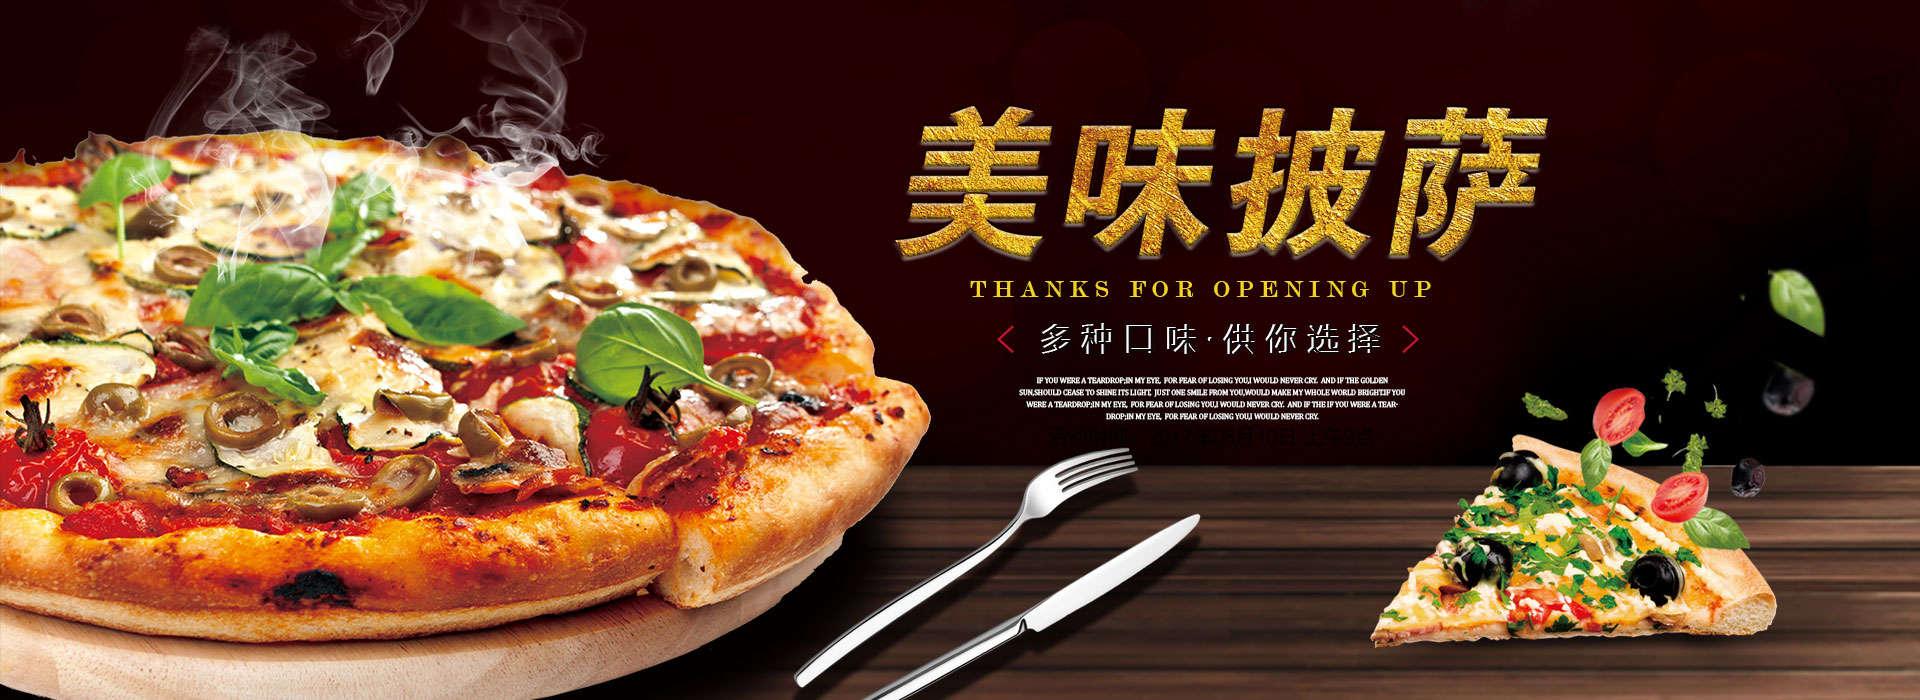 拾佳客欧式披萨_昌启餐饮披萨汉堡加盟